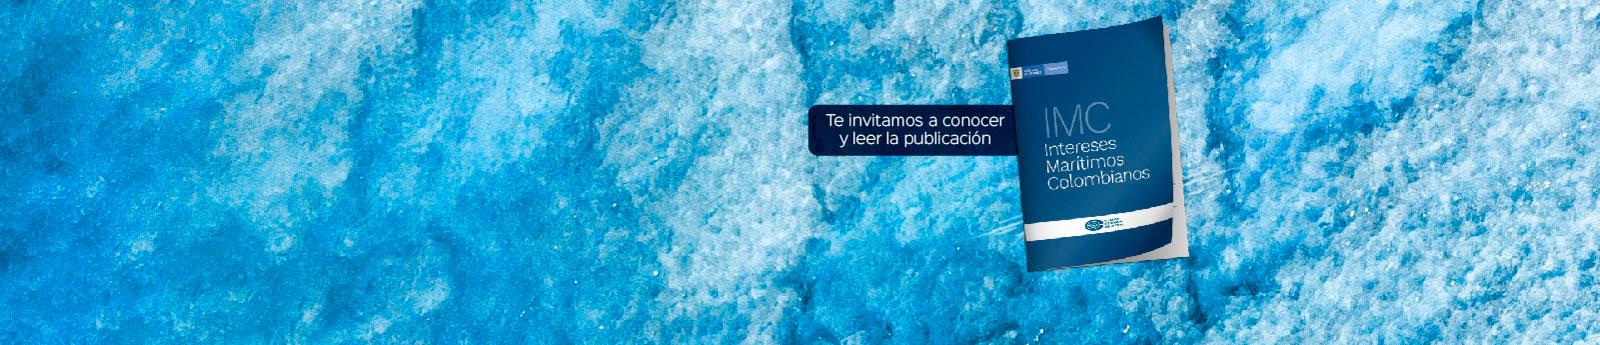 Consulte aquí la publicación: Intereses Marítimos de Colombia